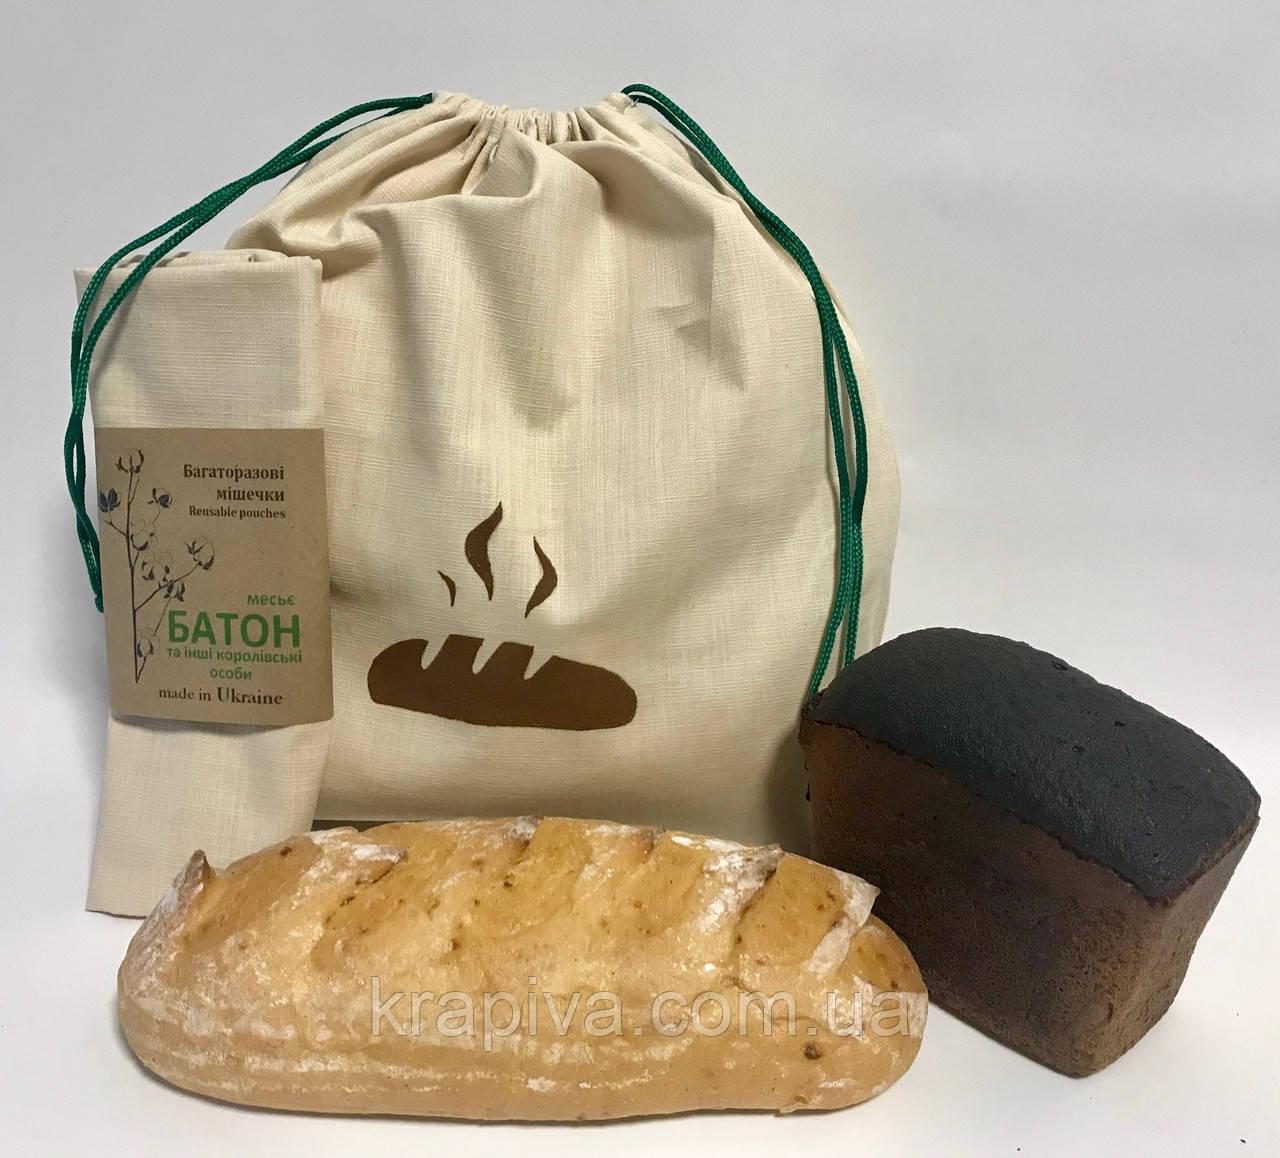 Экомешок для вещей и продуктов, еко торбинка, екоторбинка, хлопковый мешок, хлебница